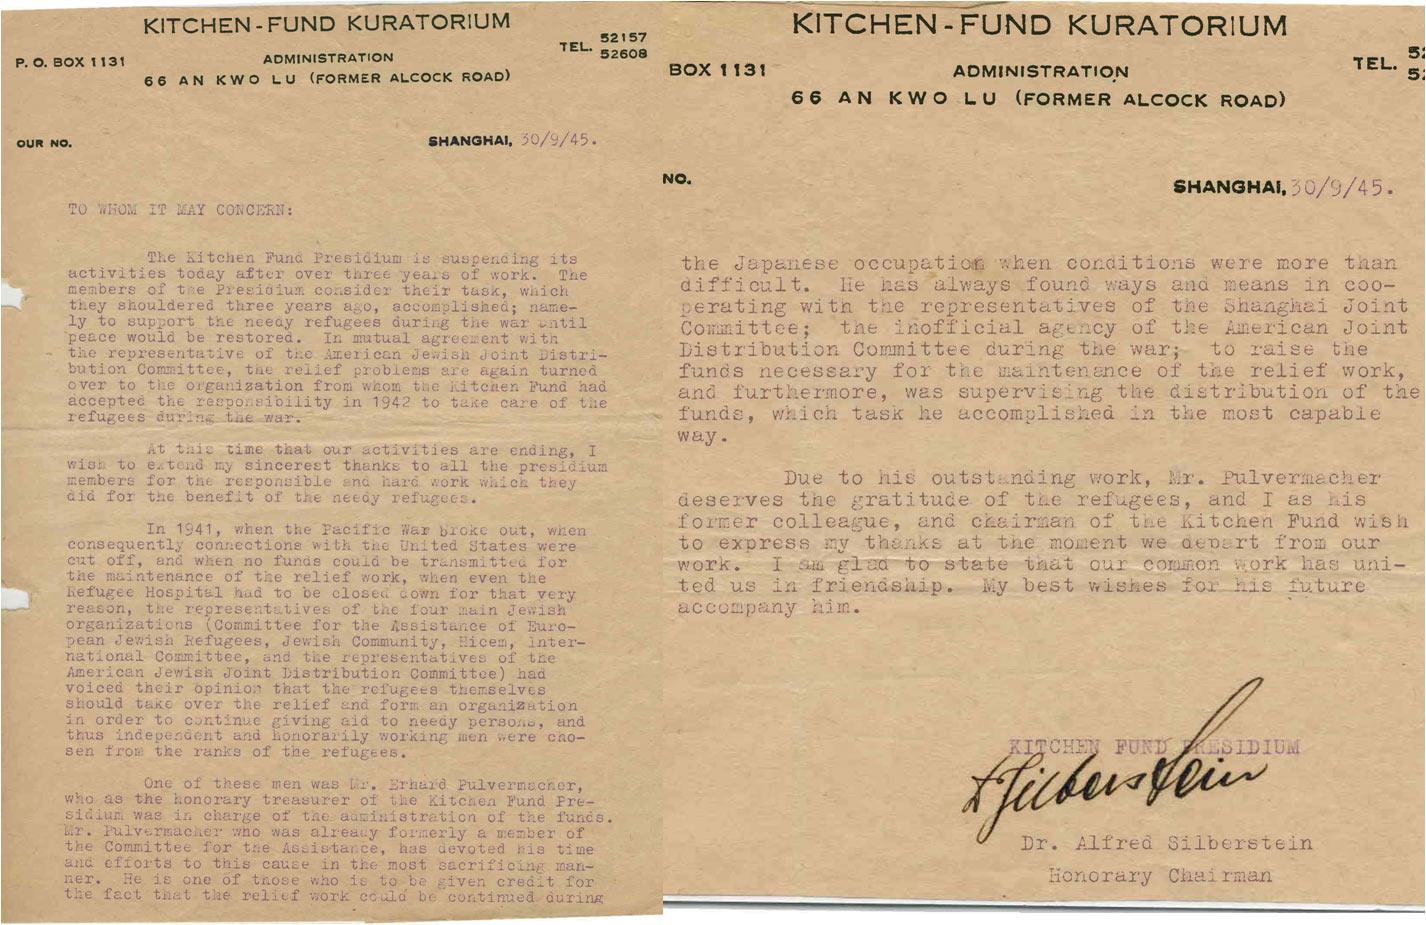 В это письме «Фонд кухни» высоко оценил работу Эрхарда Пульвермахера в роли почетного финансового директора.